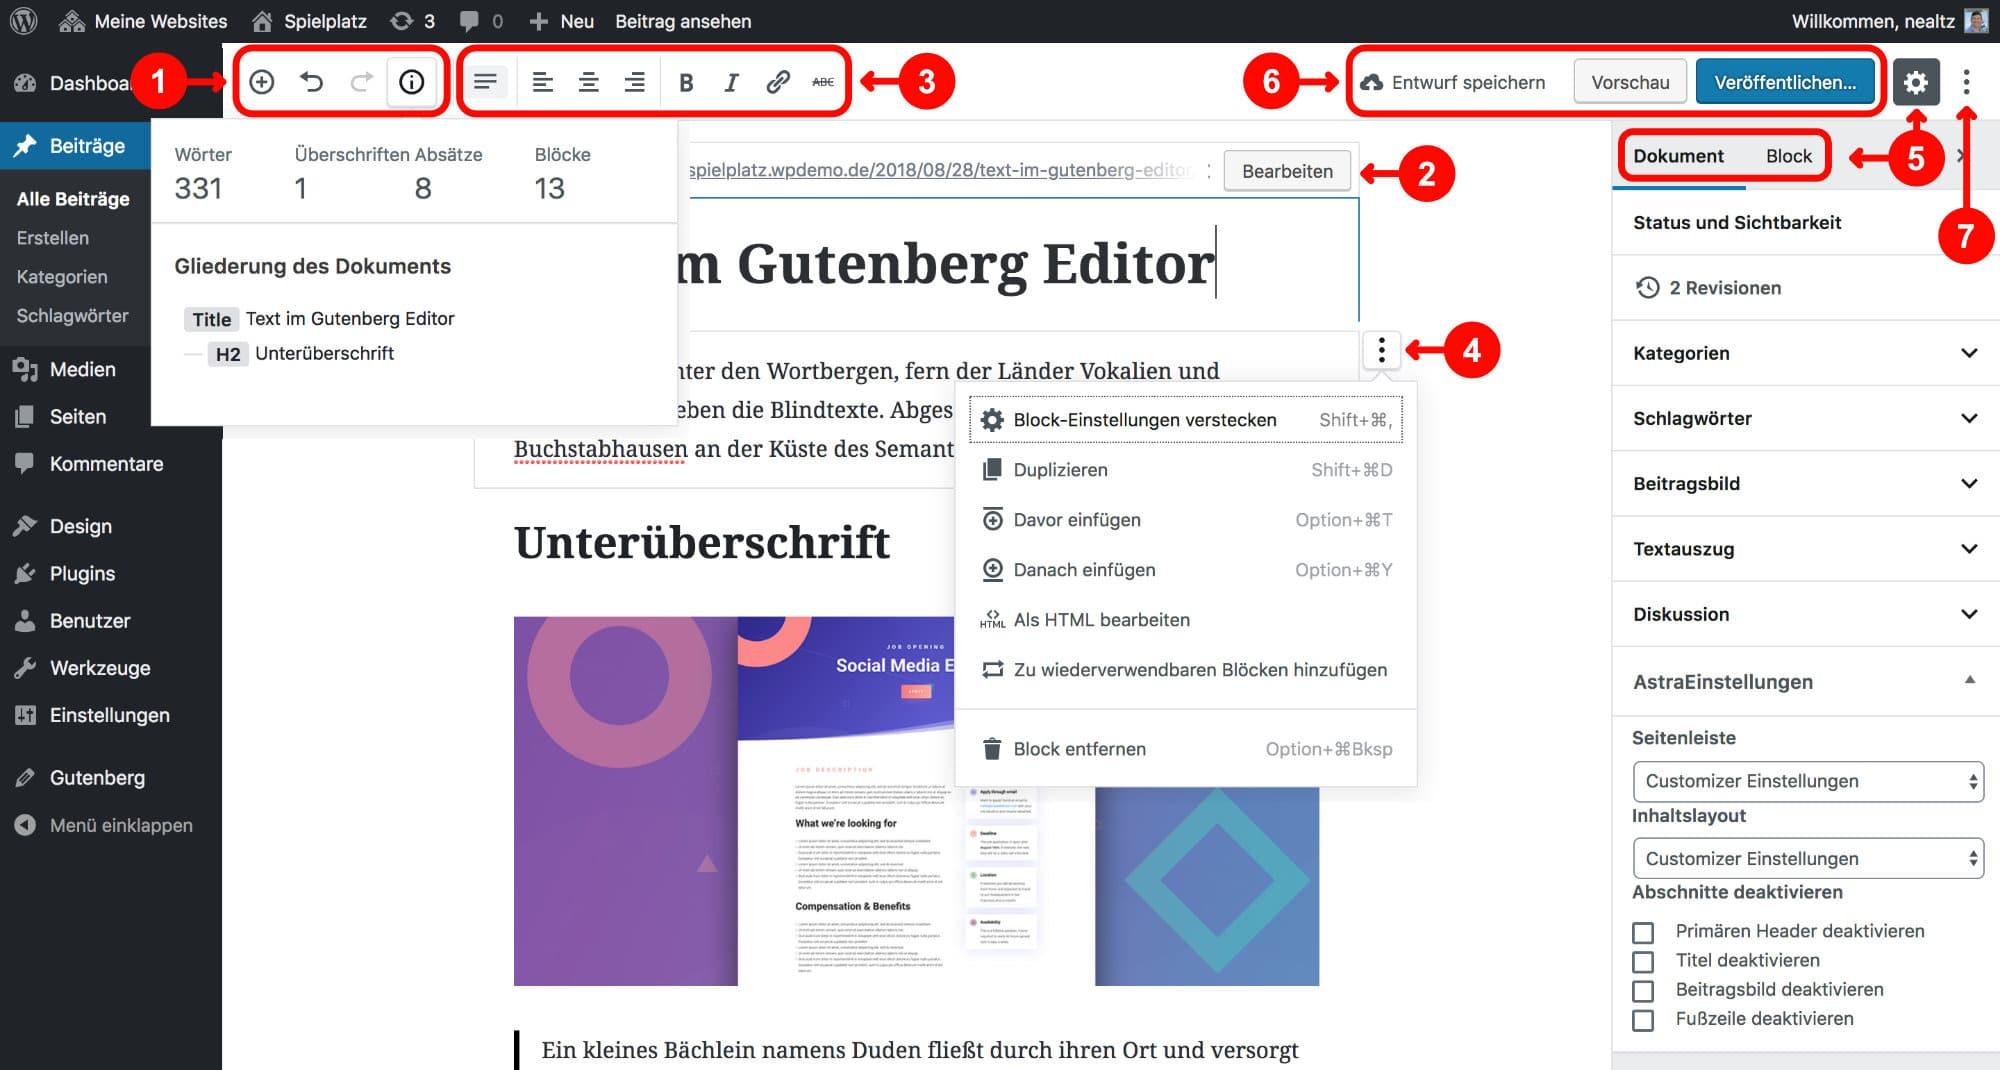 Gutenberg Editor: Einstellungen